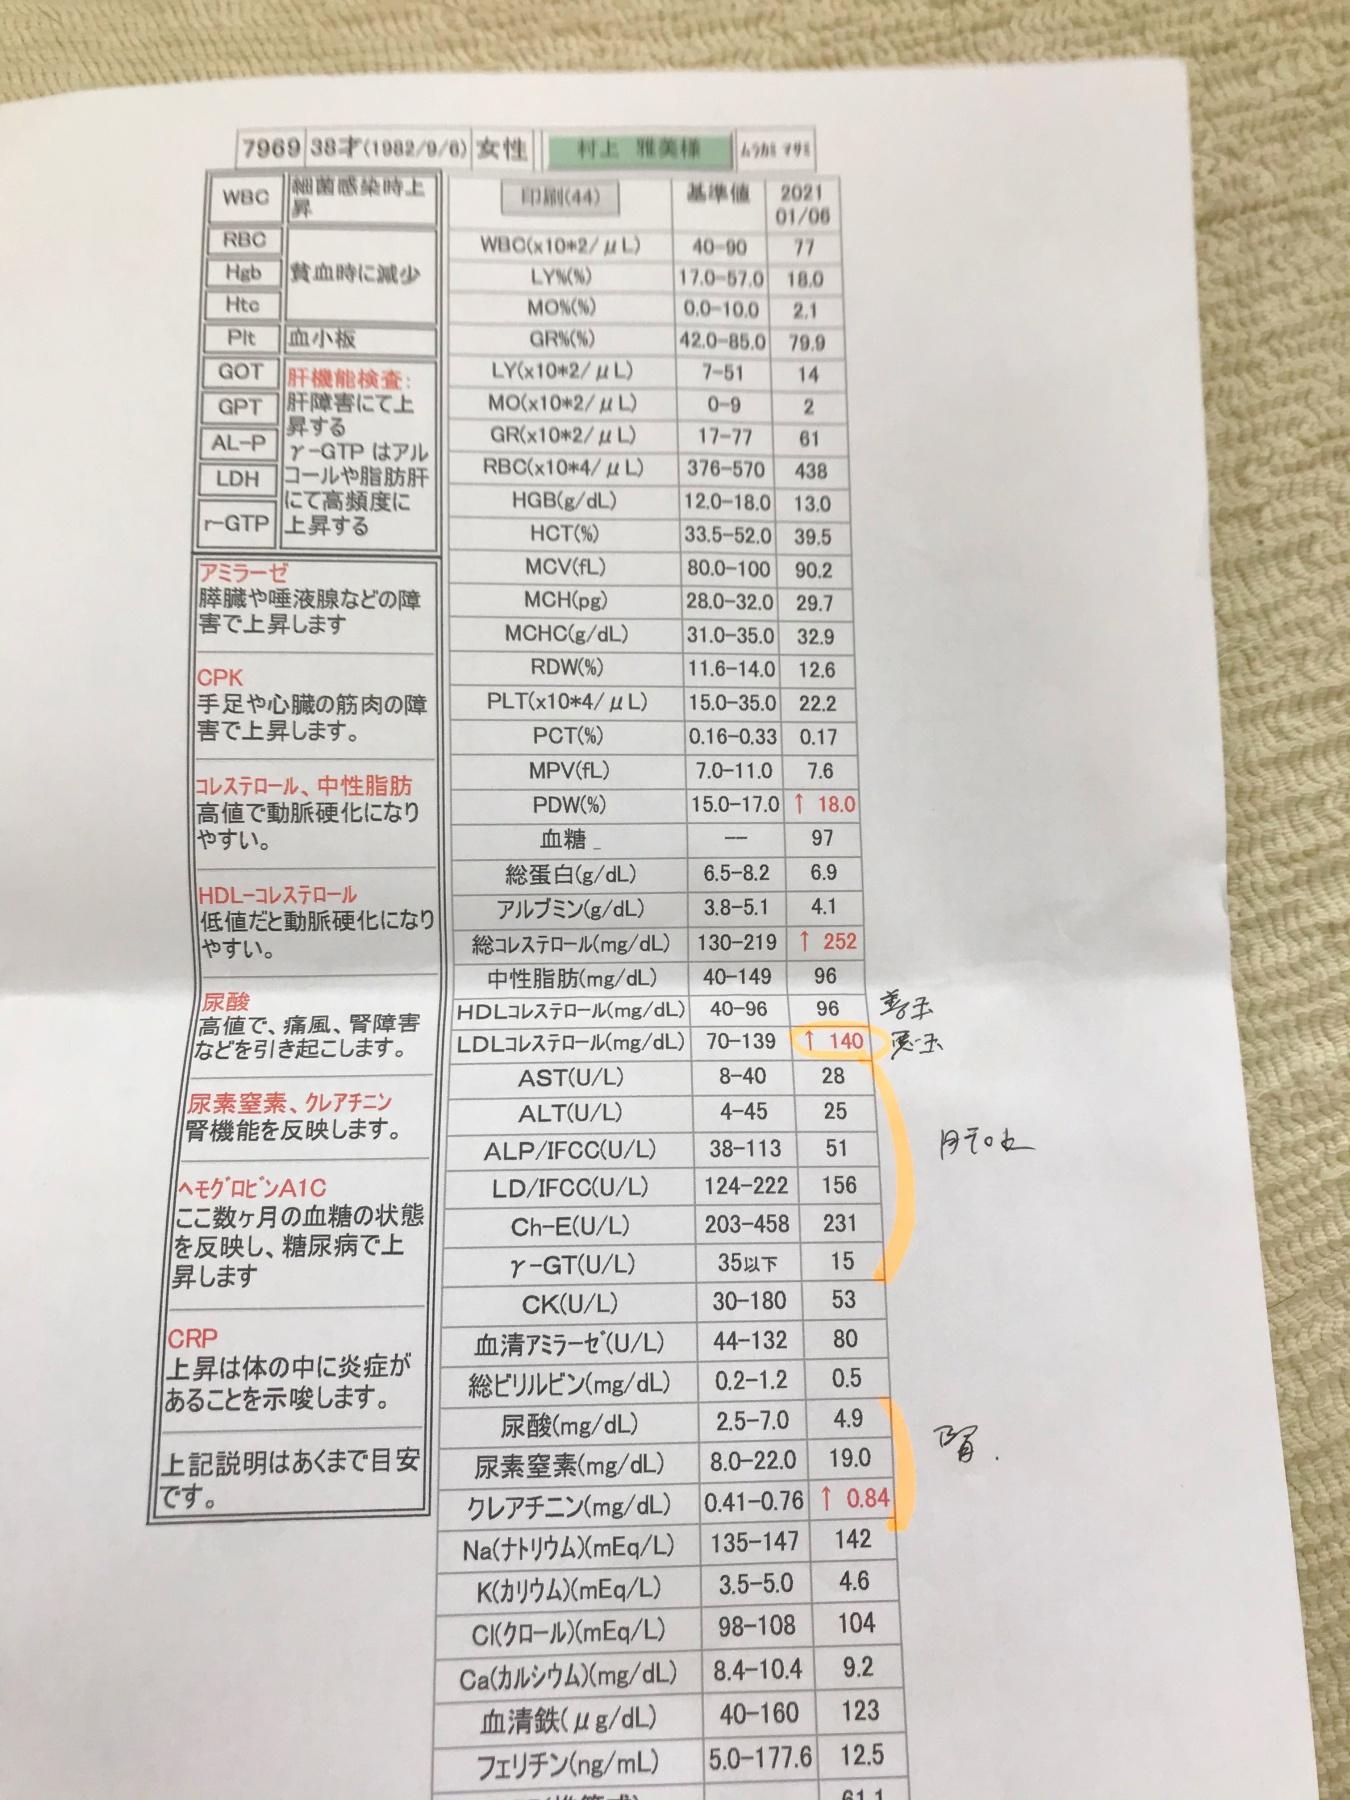 834FF76B-7DCB-461F-AADB-93F4FA1D61D5